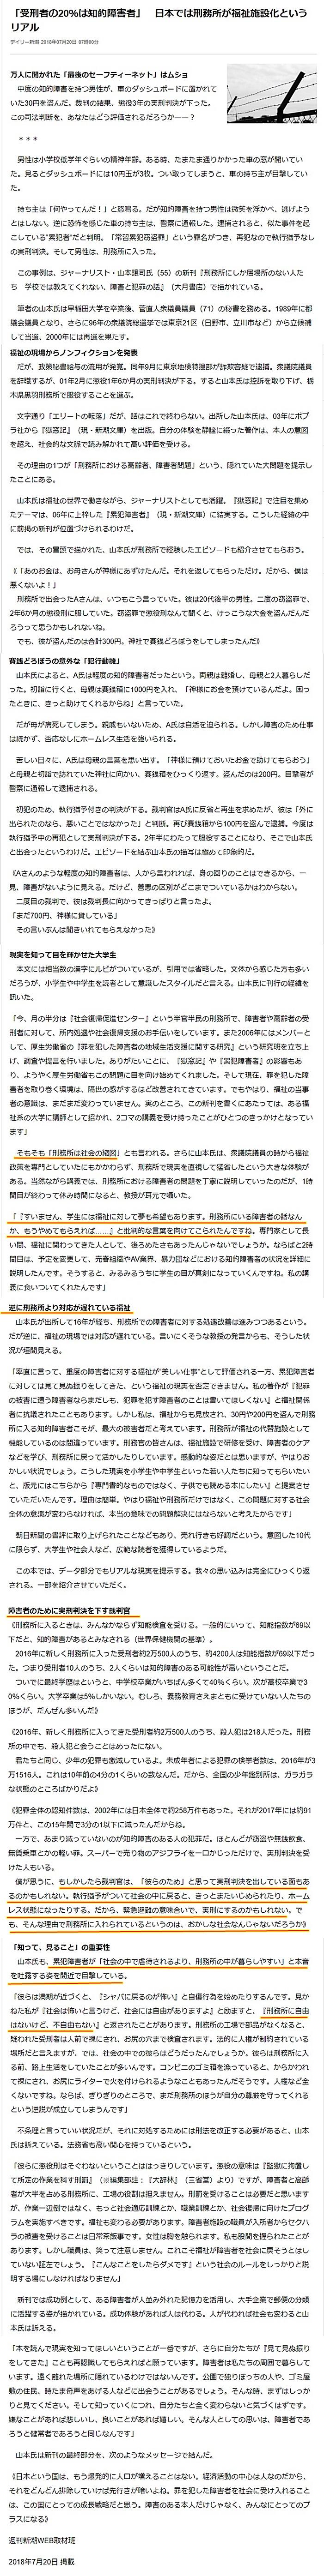 「受刑者の20%は知的障害者」 日本では刑務所が福祉施設化というリアル